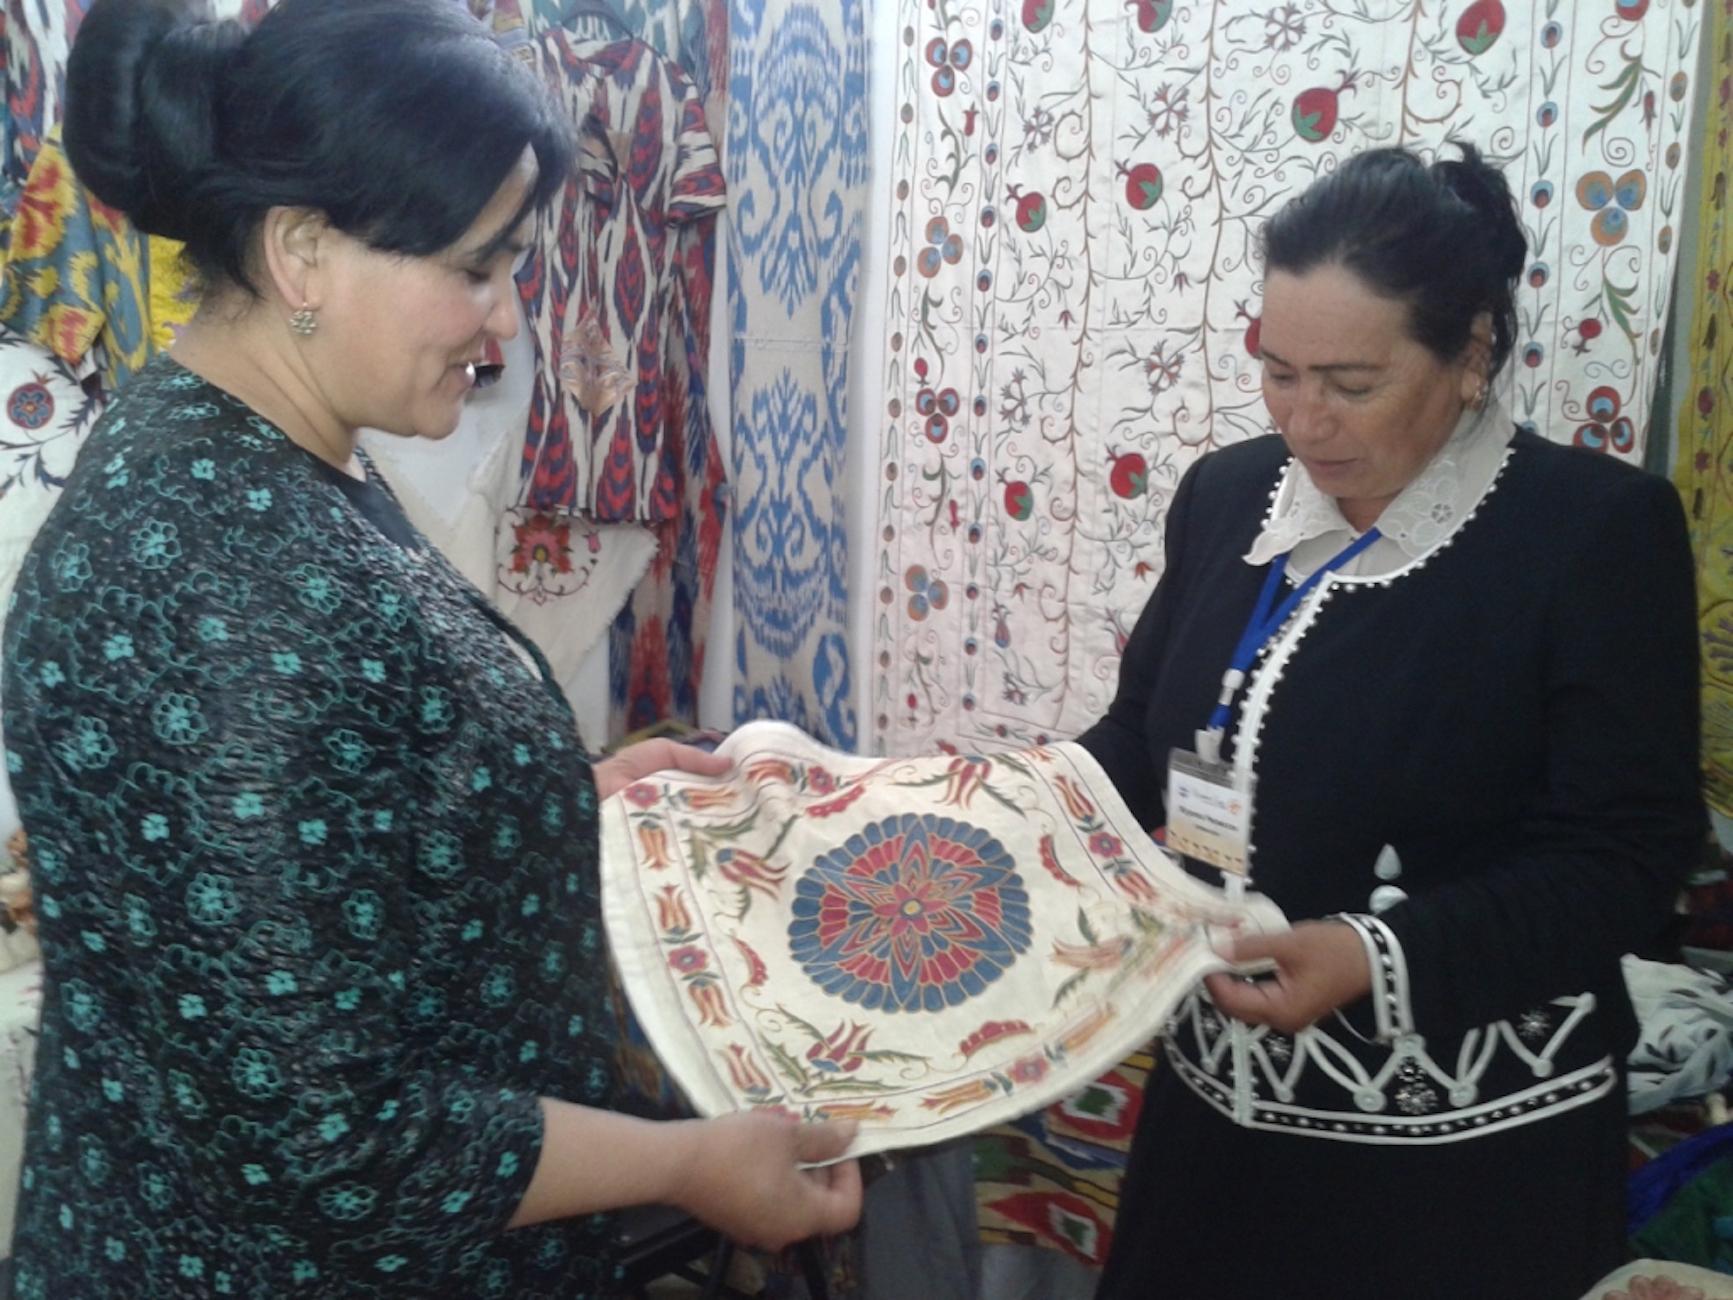 Рислихон Джураева, директор Центра искусств и ремесел Наманганской области Узбекистана (справа), представила на выставке давно забытые стили женской одежды. Ош, 14 апреля. [Бакыт Ибраимов]